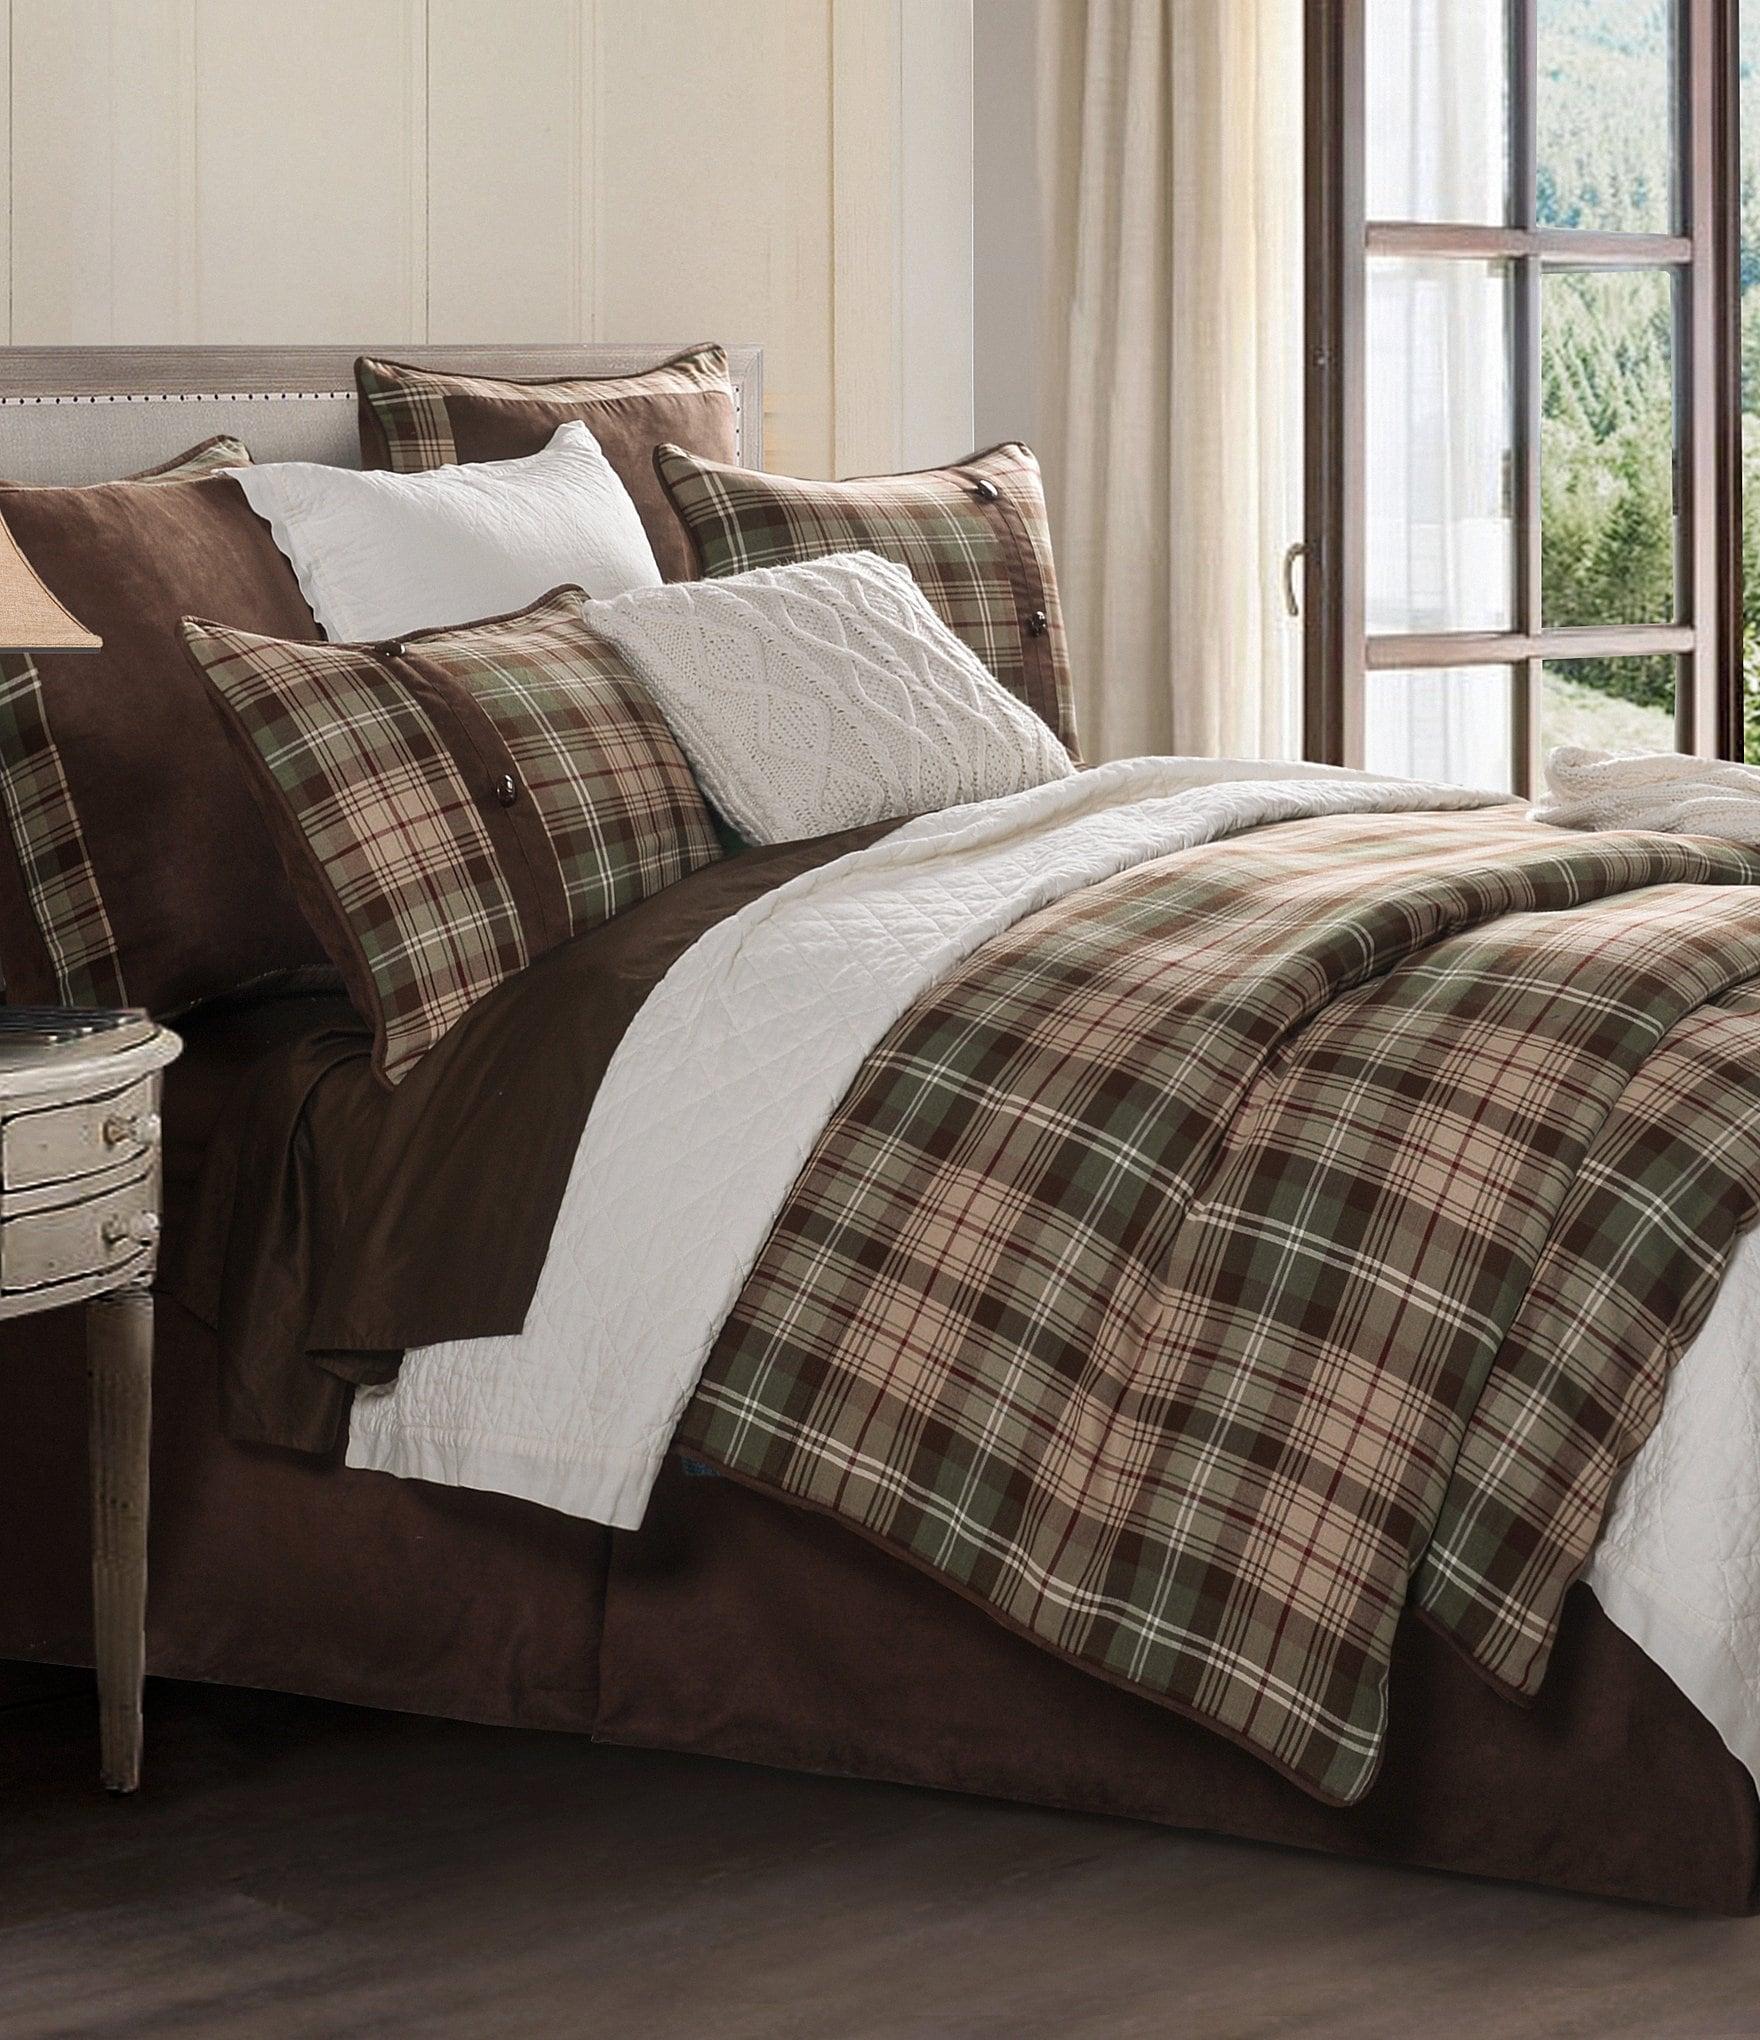 Hiend Accents Huntsman Comforter Set Dillard S